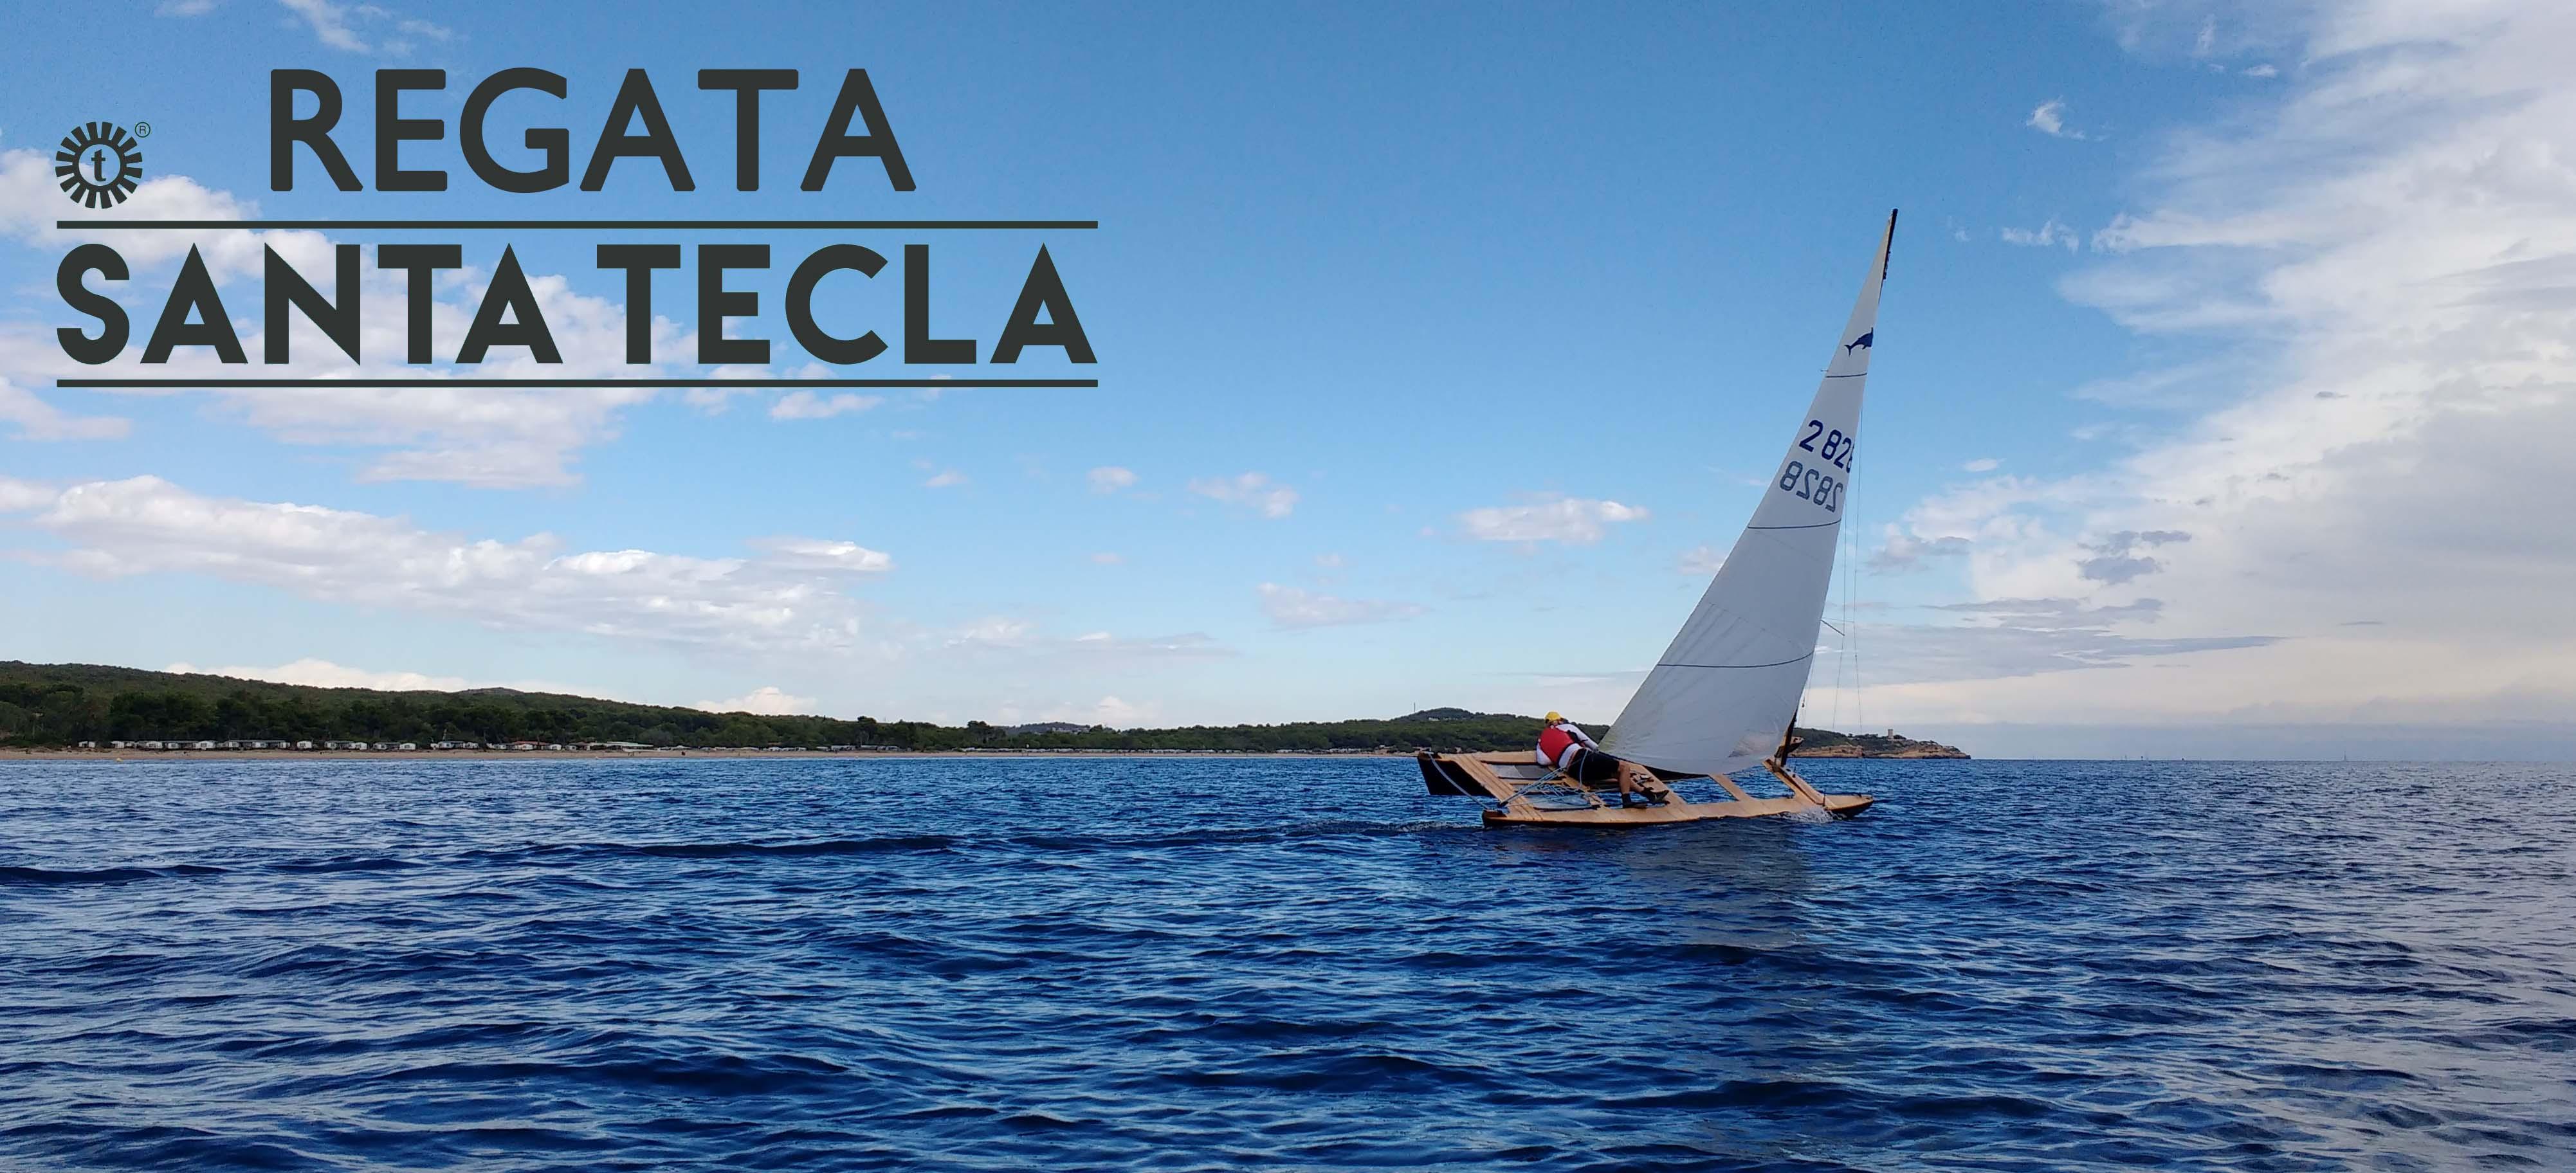 regata santa tecla 2016